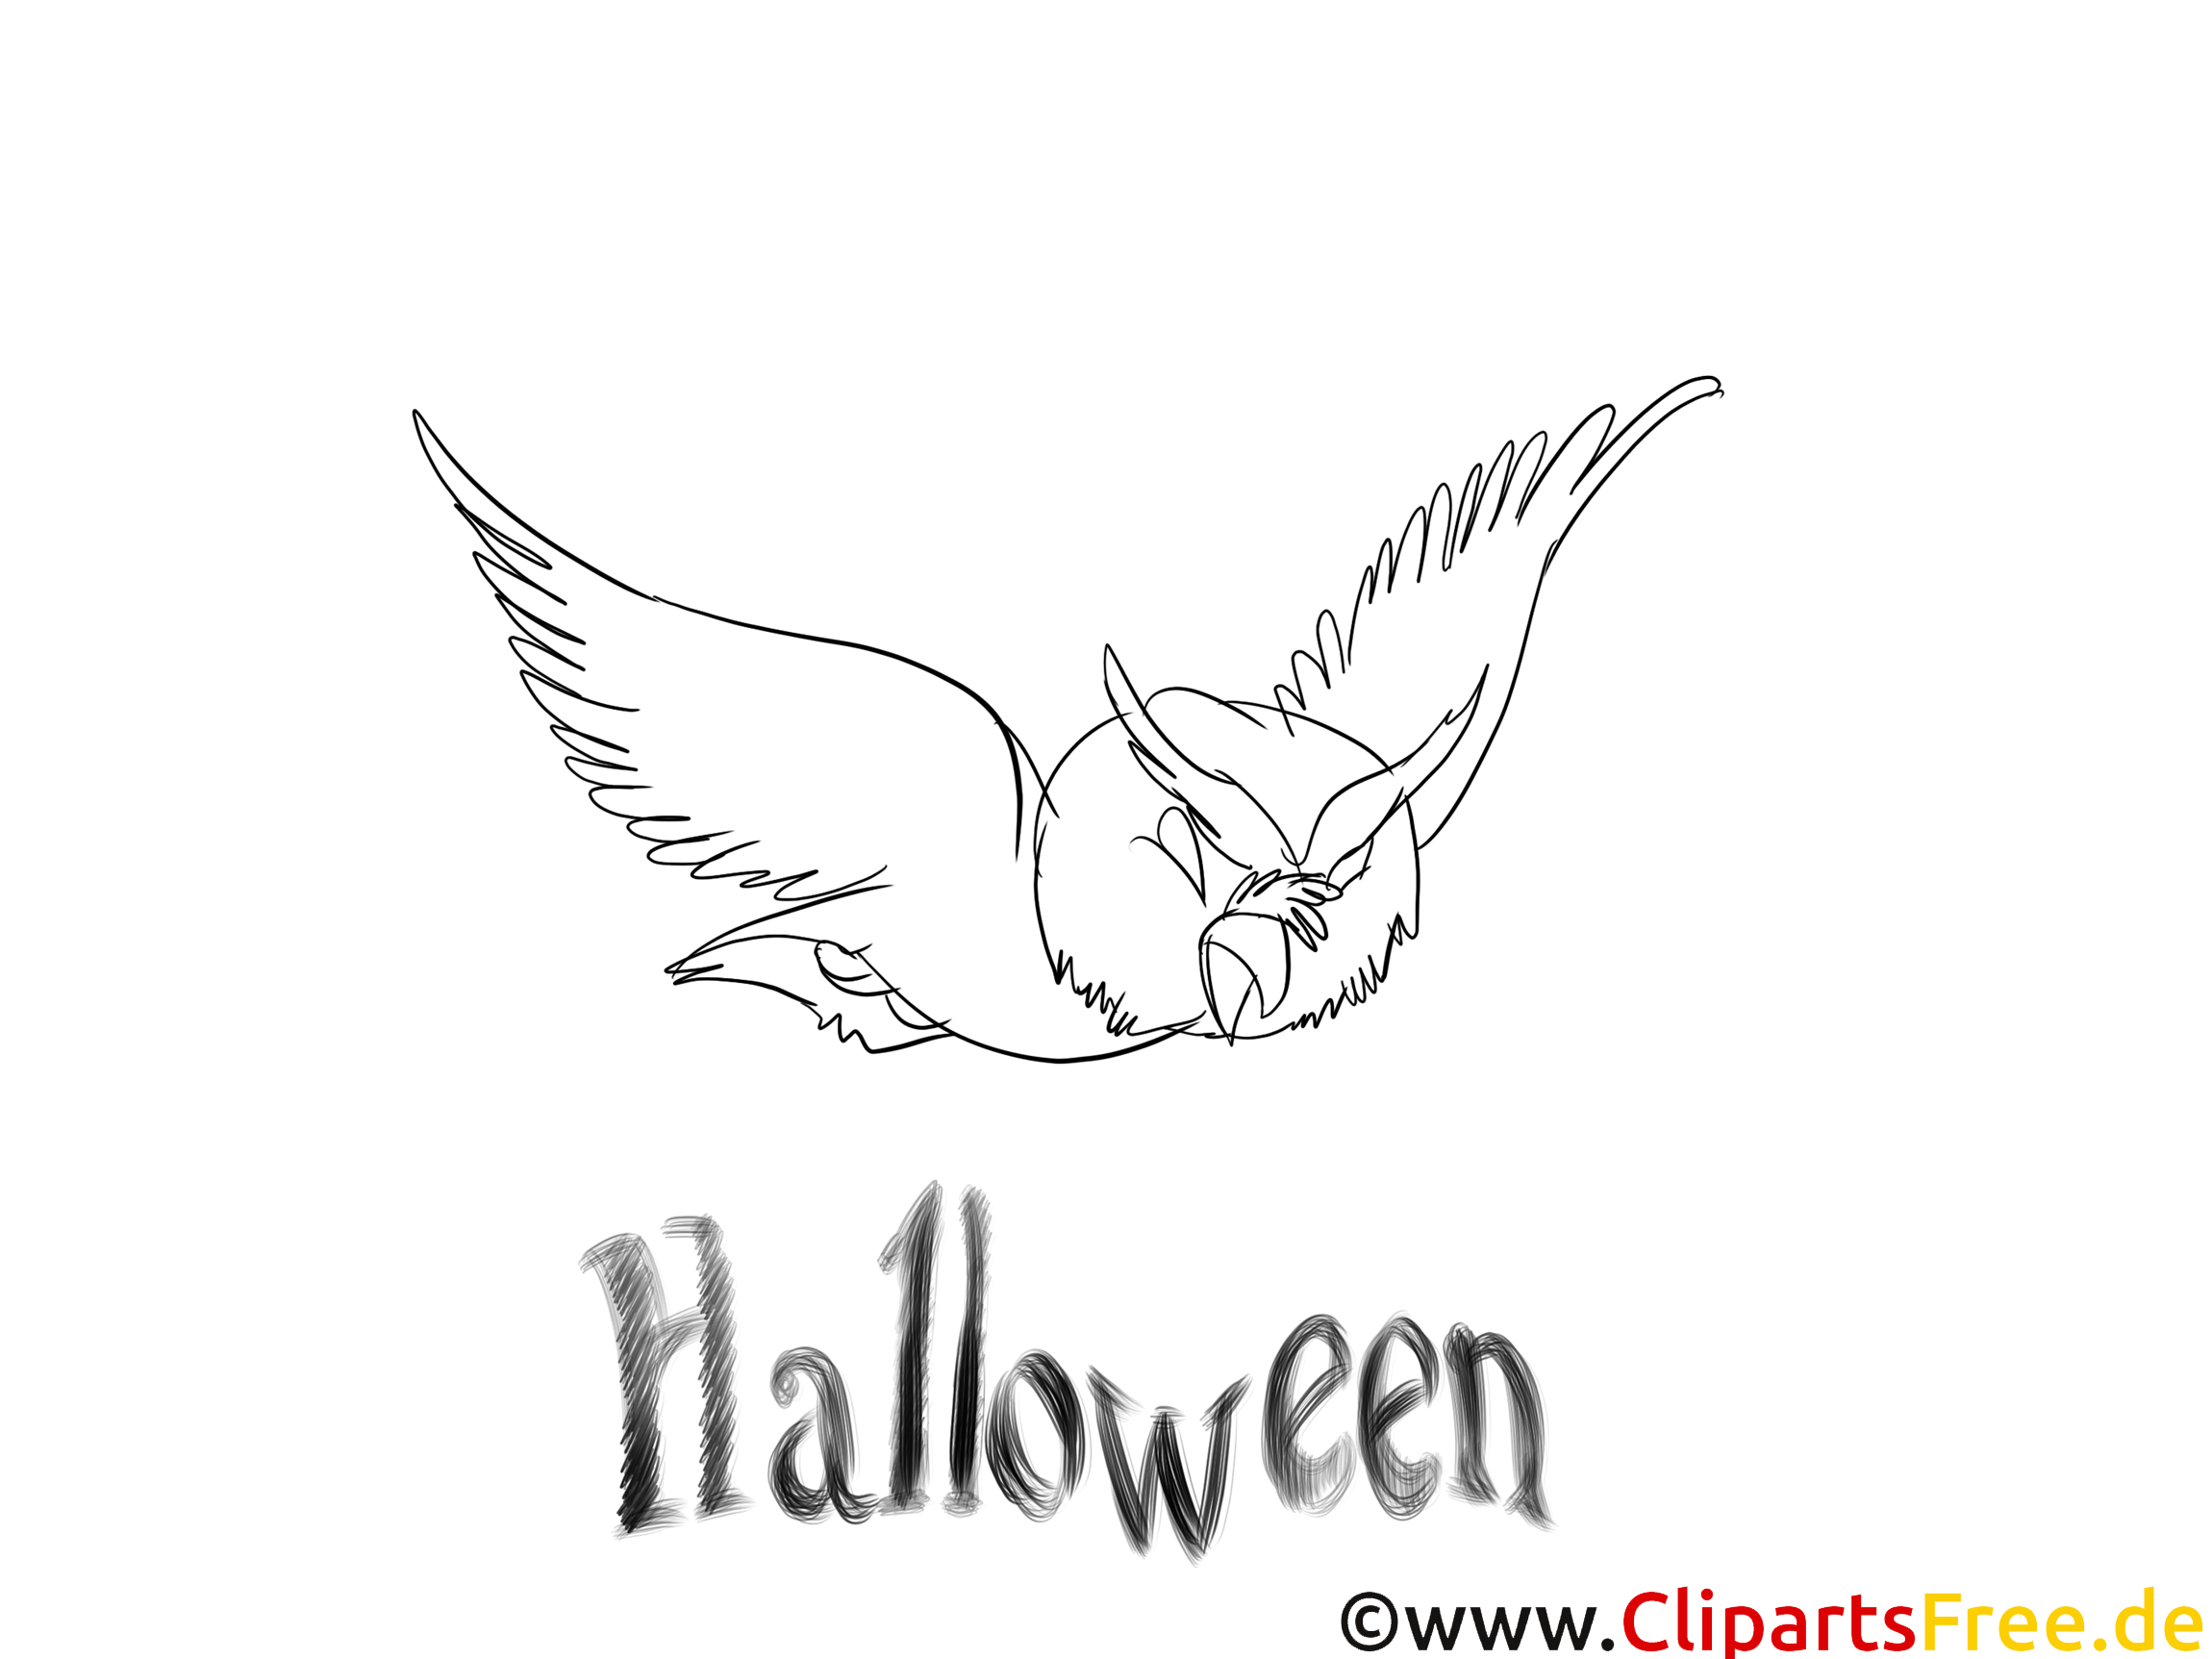 Halloween Ausmalbilder - Vorlagen zum Ausmalen gratis ausdrucken